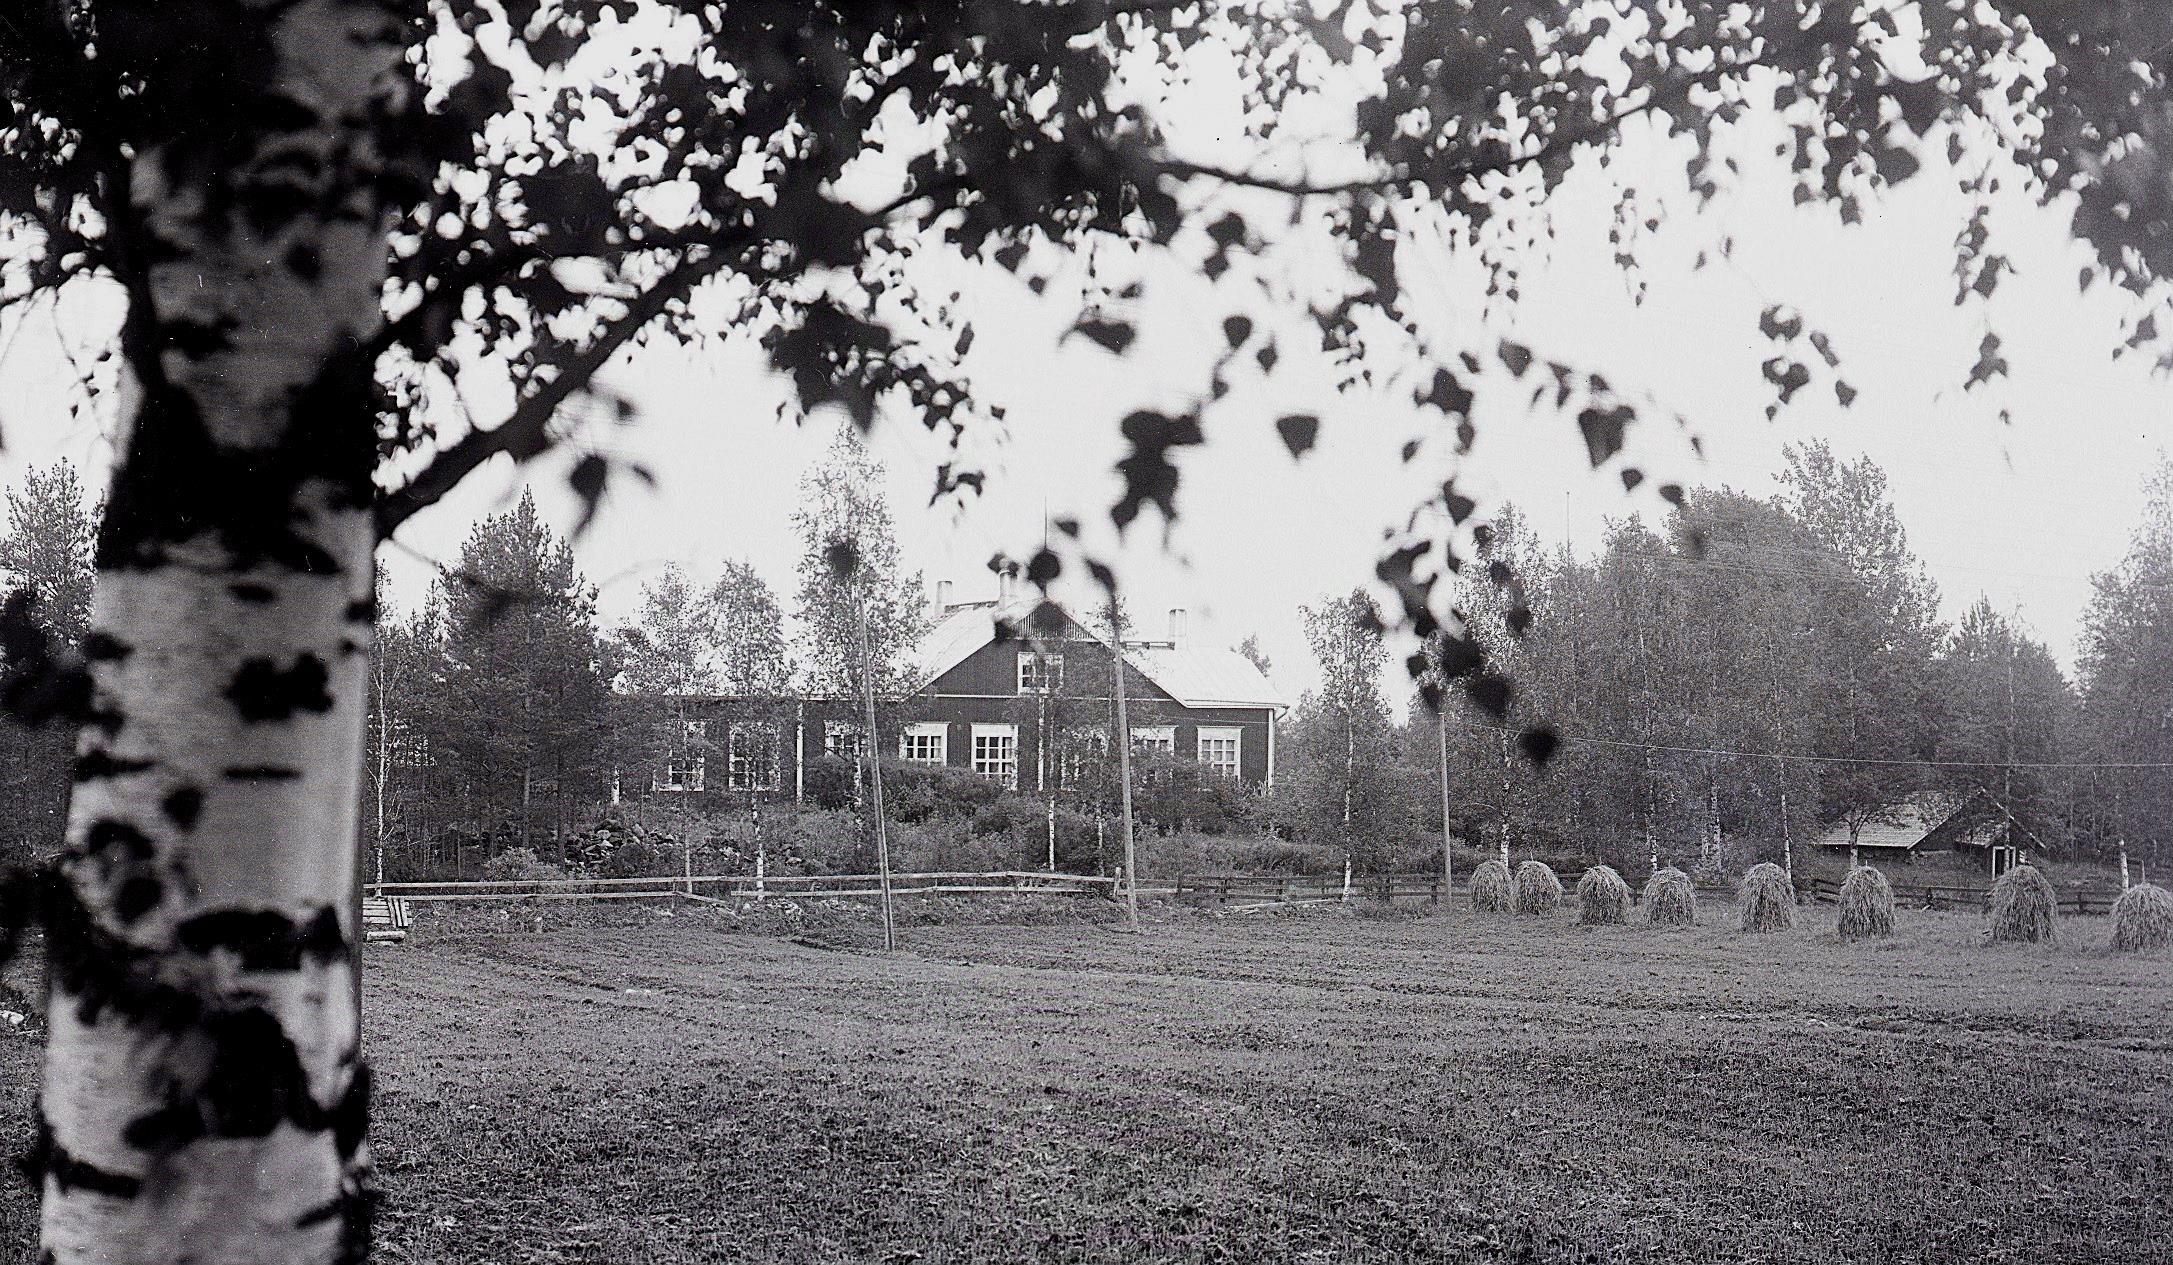 Efter mycket om och men blev det bestämt i kommunen att också Uttermossa skulle få en egen skola och Viktor Nylund byggde den år 1914 och den kunde invigas i januari 1915. Fotot taget av Selim Björses från Lappfjärd.